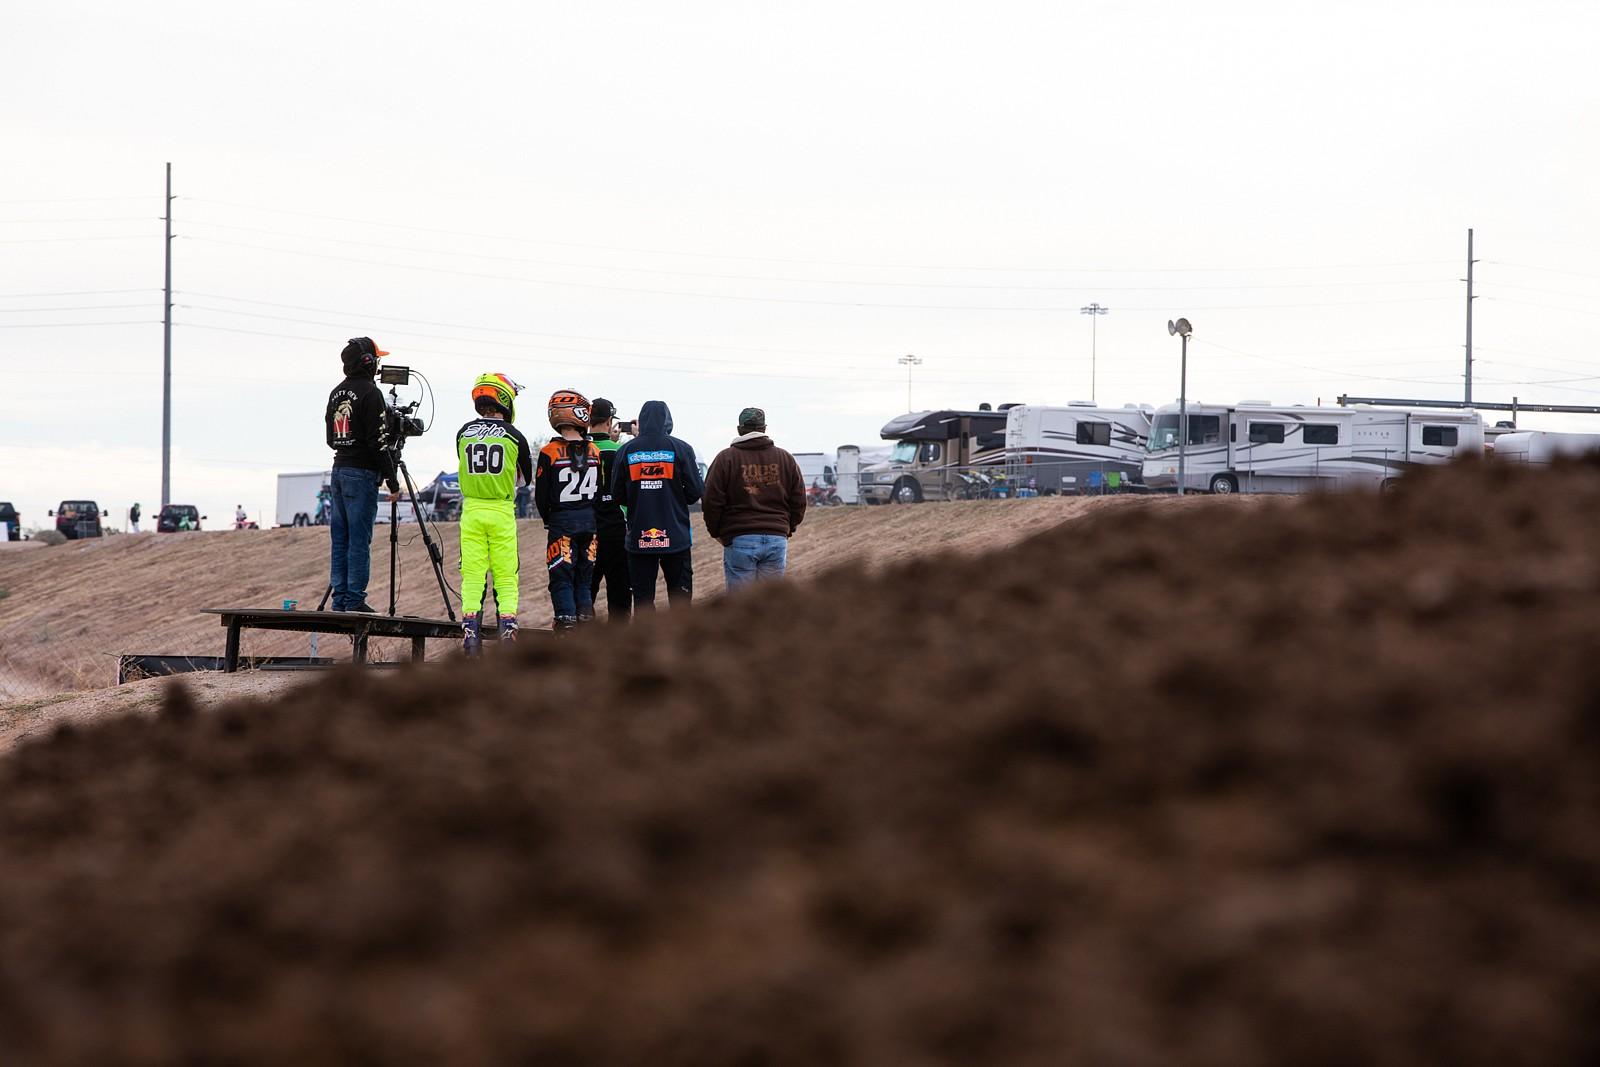 Livestream - AZ Open of Motocross, Part 2 - Motocross Pictures - Vital MX